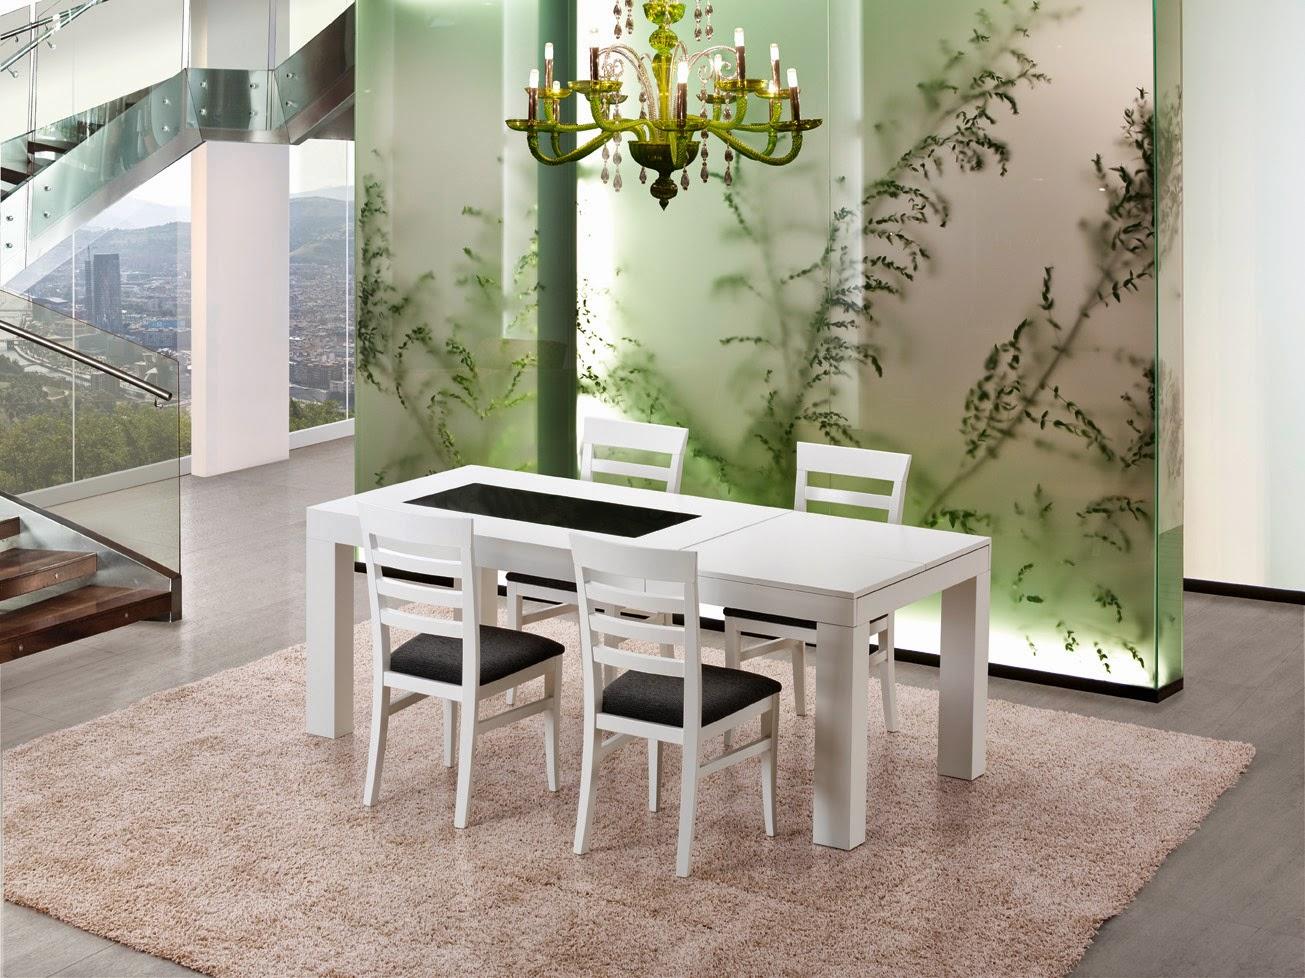 Llar del modul mesas sillas comedor cocina y centro - Mesa del comedor ...